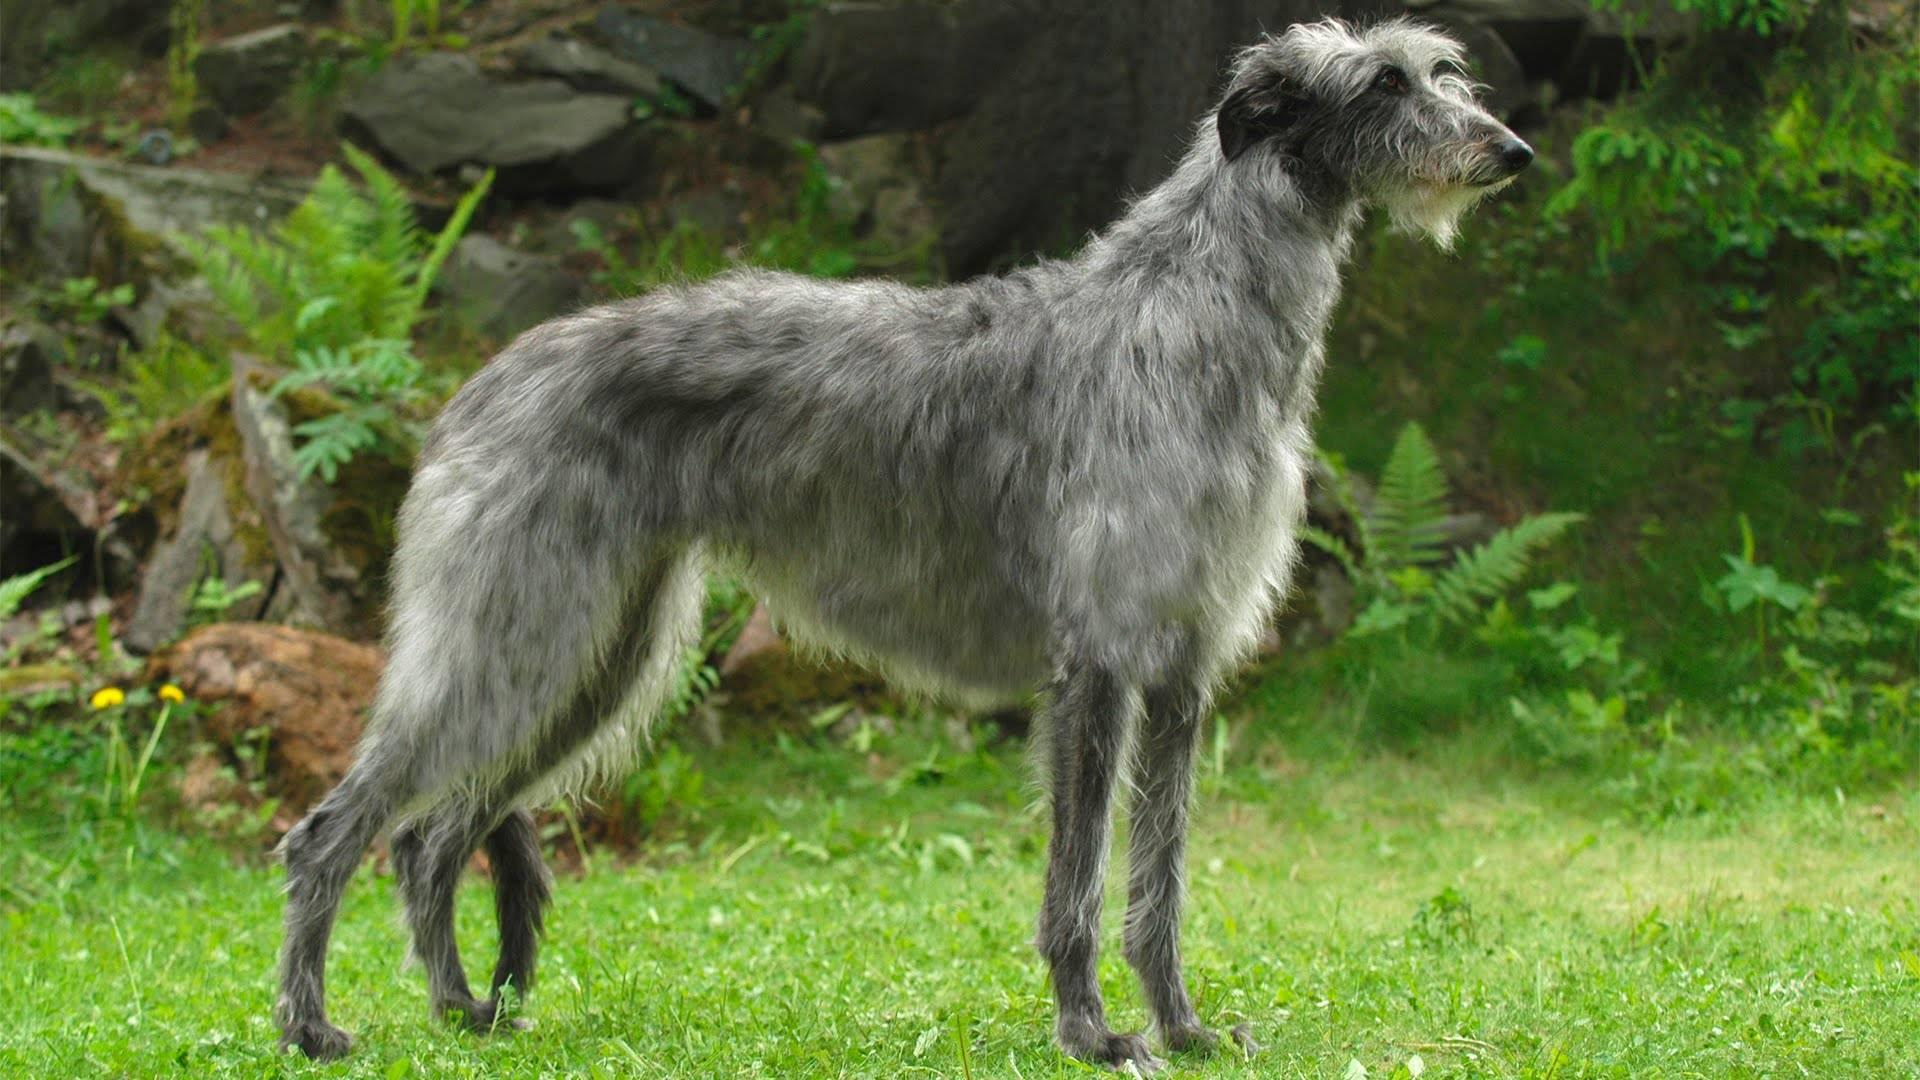 Дирхаунд (шотландская оленья борзая, дирхунд): фото, купить, видео, цена, содержание дома